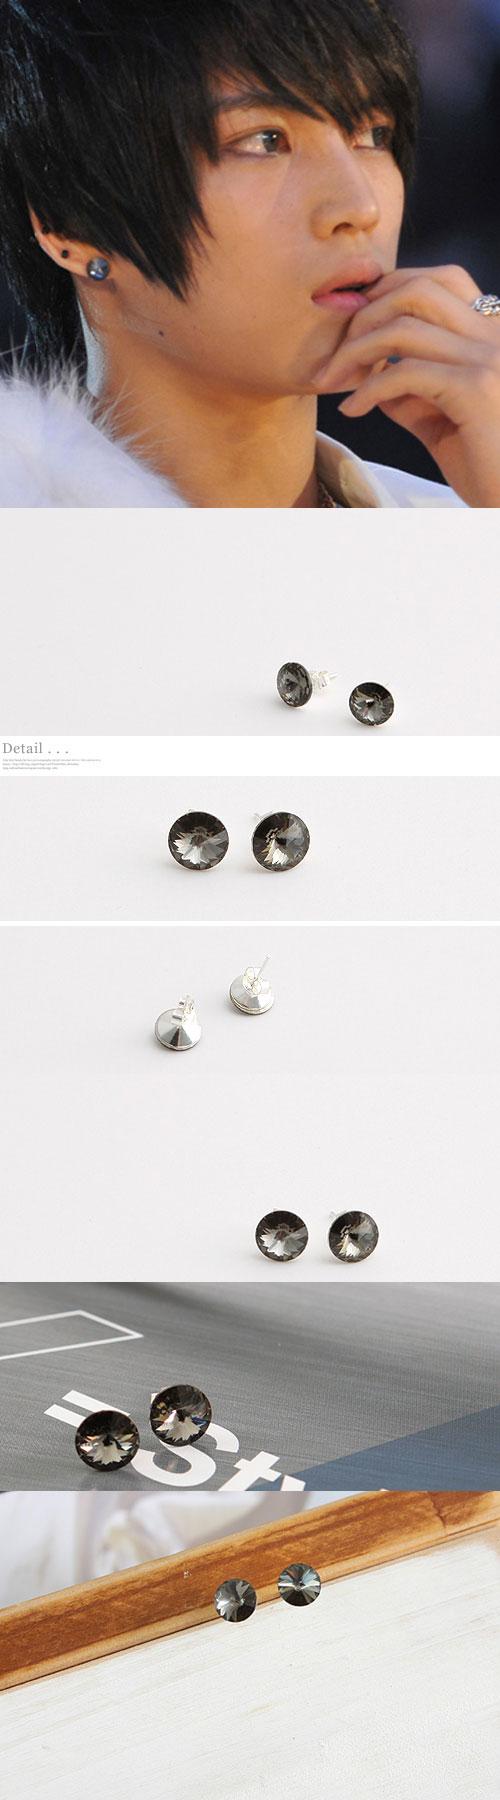 jj_pierced earring